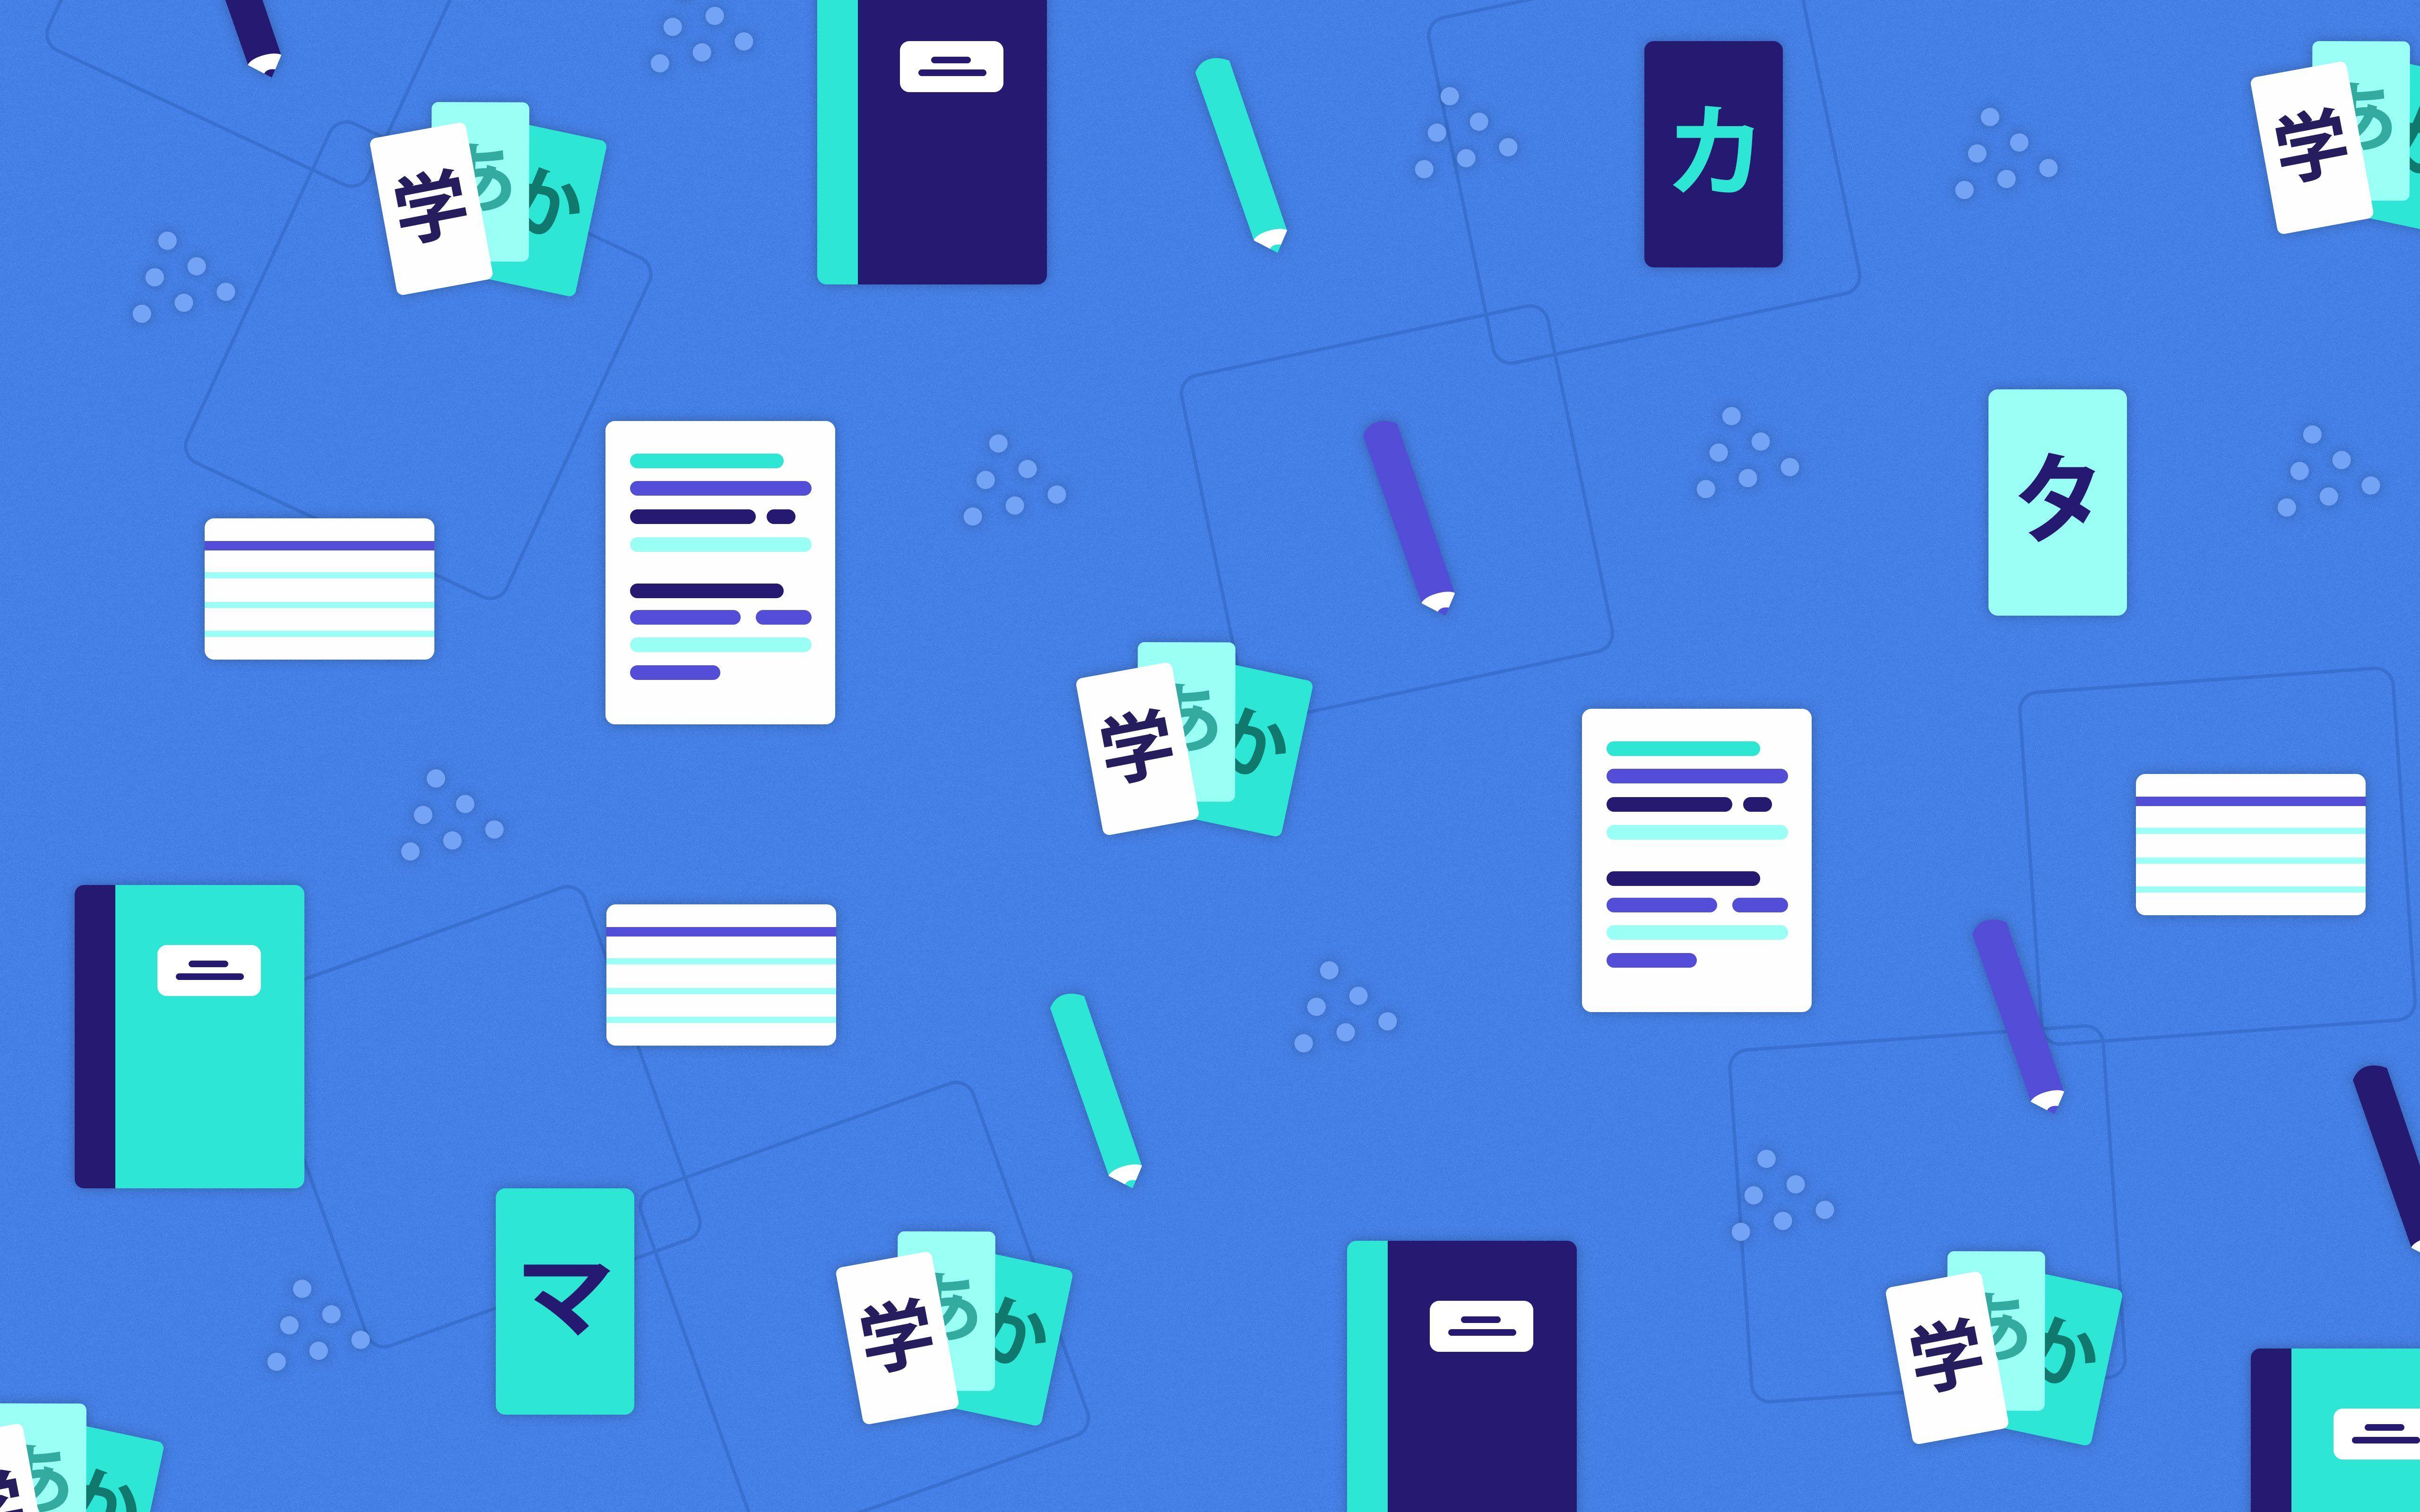 6 Razoes Pelas Quais Kanji E Necessario Caracteristicas E Uso Do Kanji